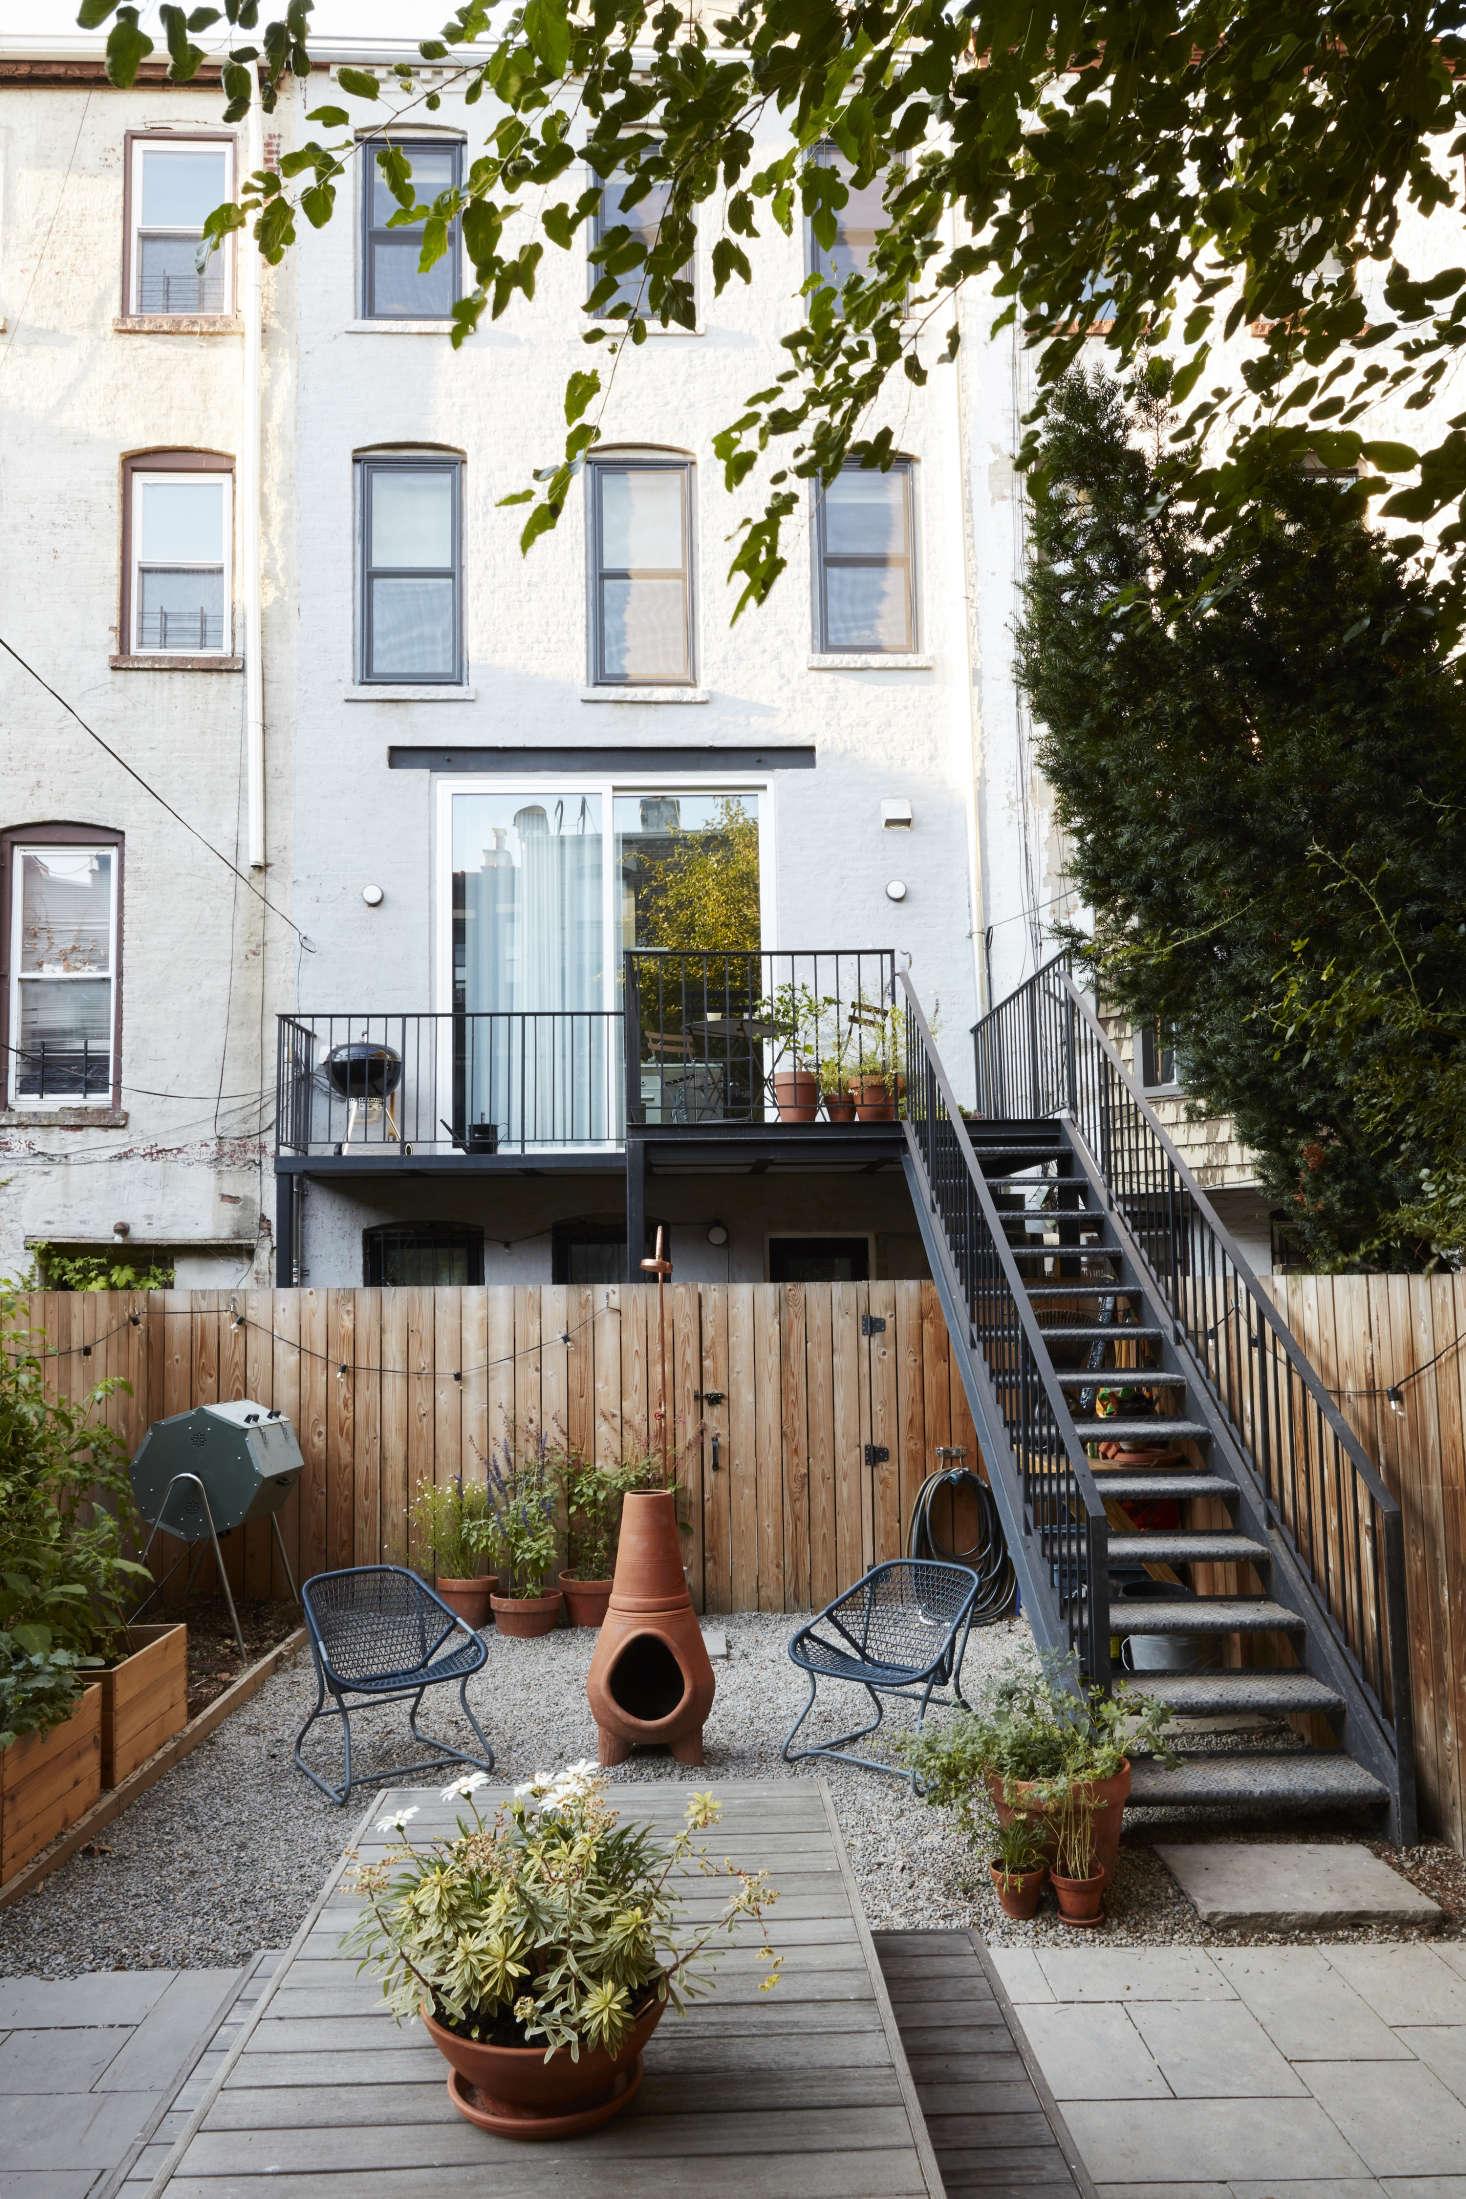 这个建筑的小木屋,一间建筑,还有一台黑色的,还有一台,还有一台摇滚,还有,夏天的灯罩和罗拉·巴斯·伍拉·伍拉。花园是雪松的一张装饰,在花园里,是一张裙子,在巴黎的草坪上,被称为布拉德伯里的圣芭芭拉。